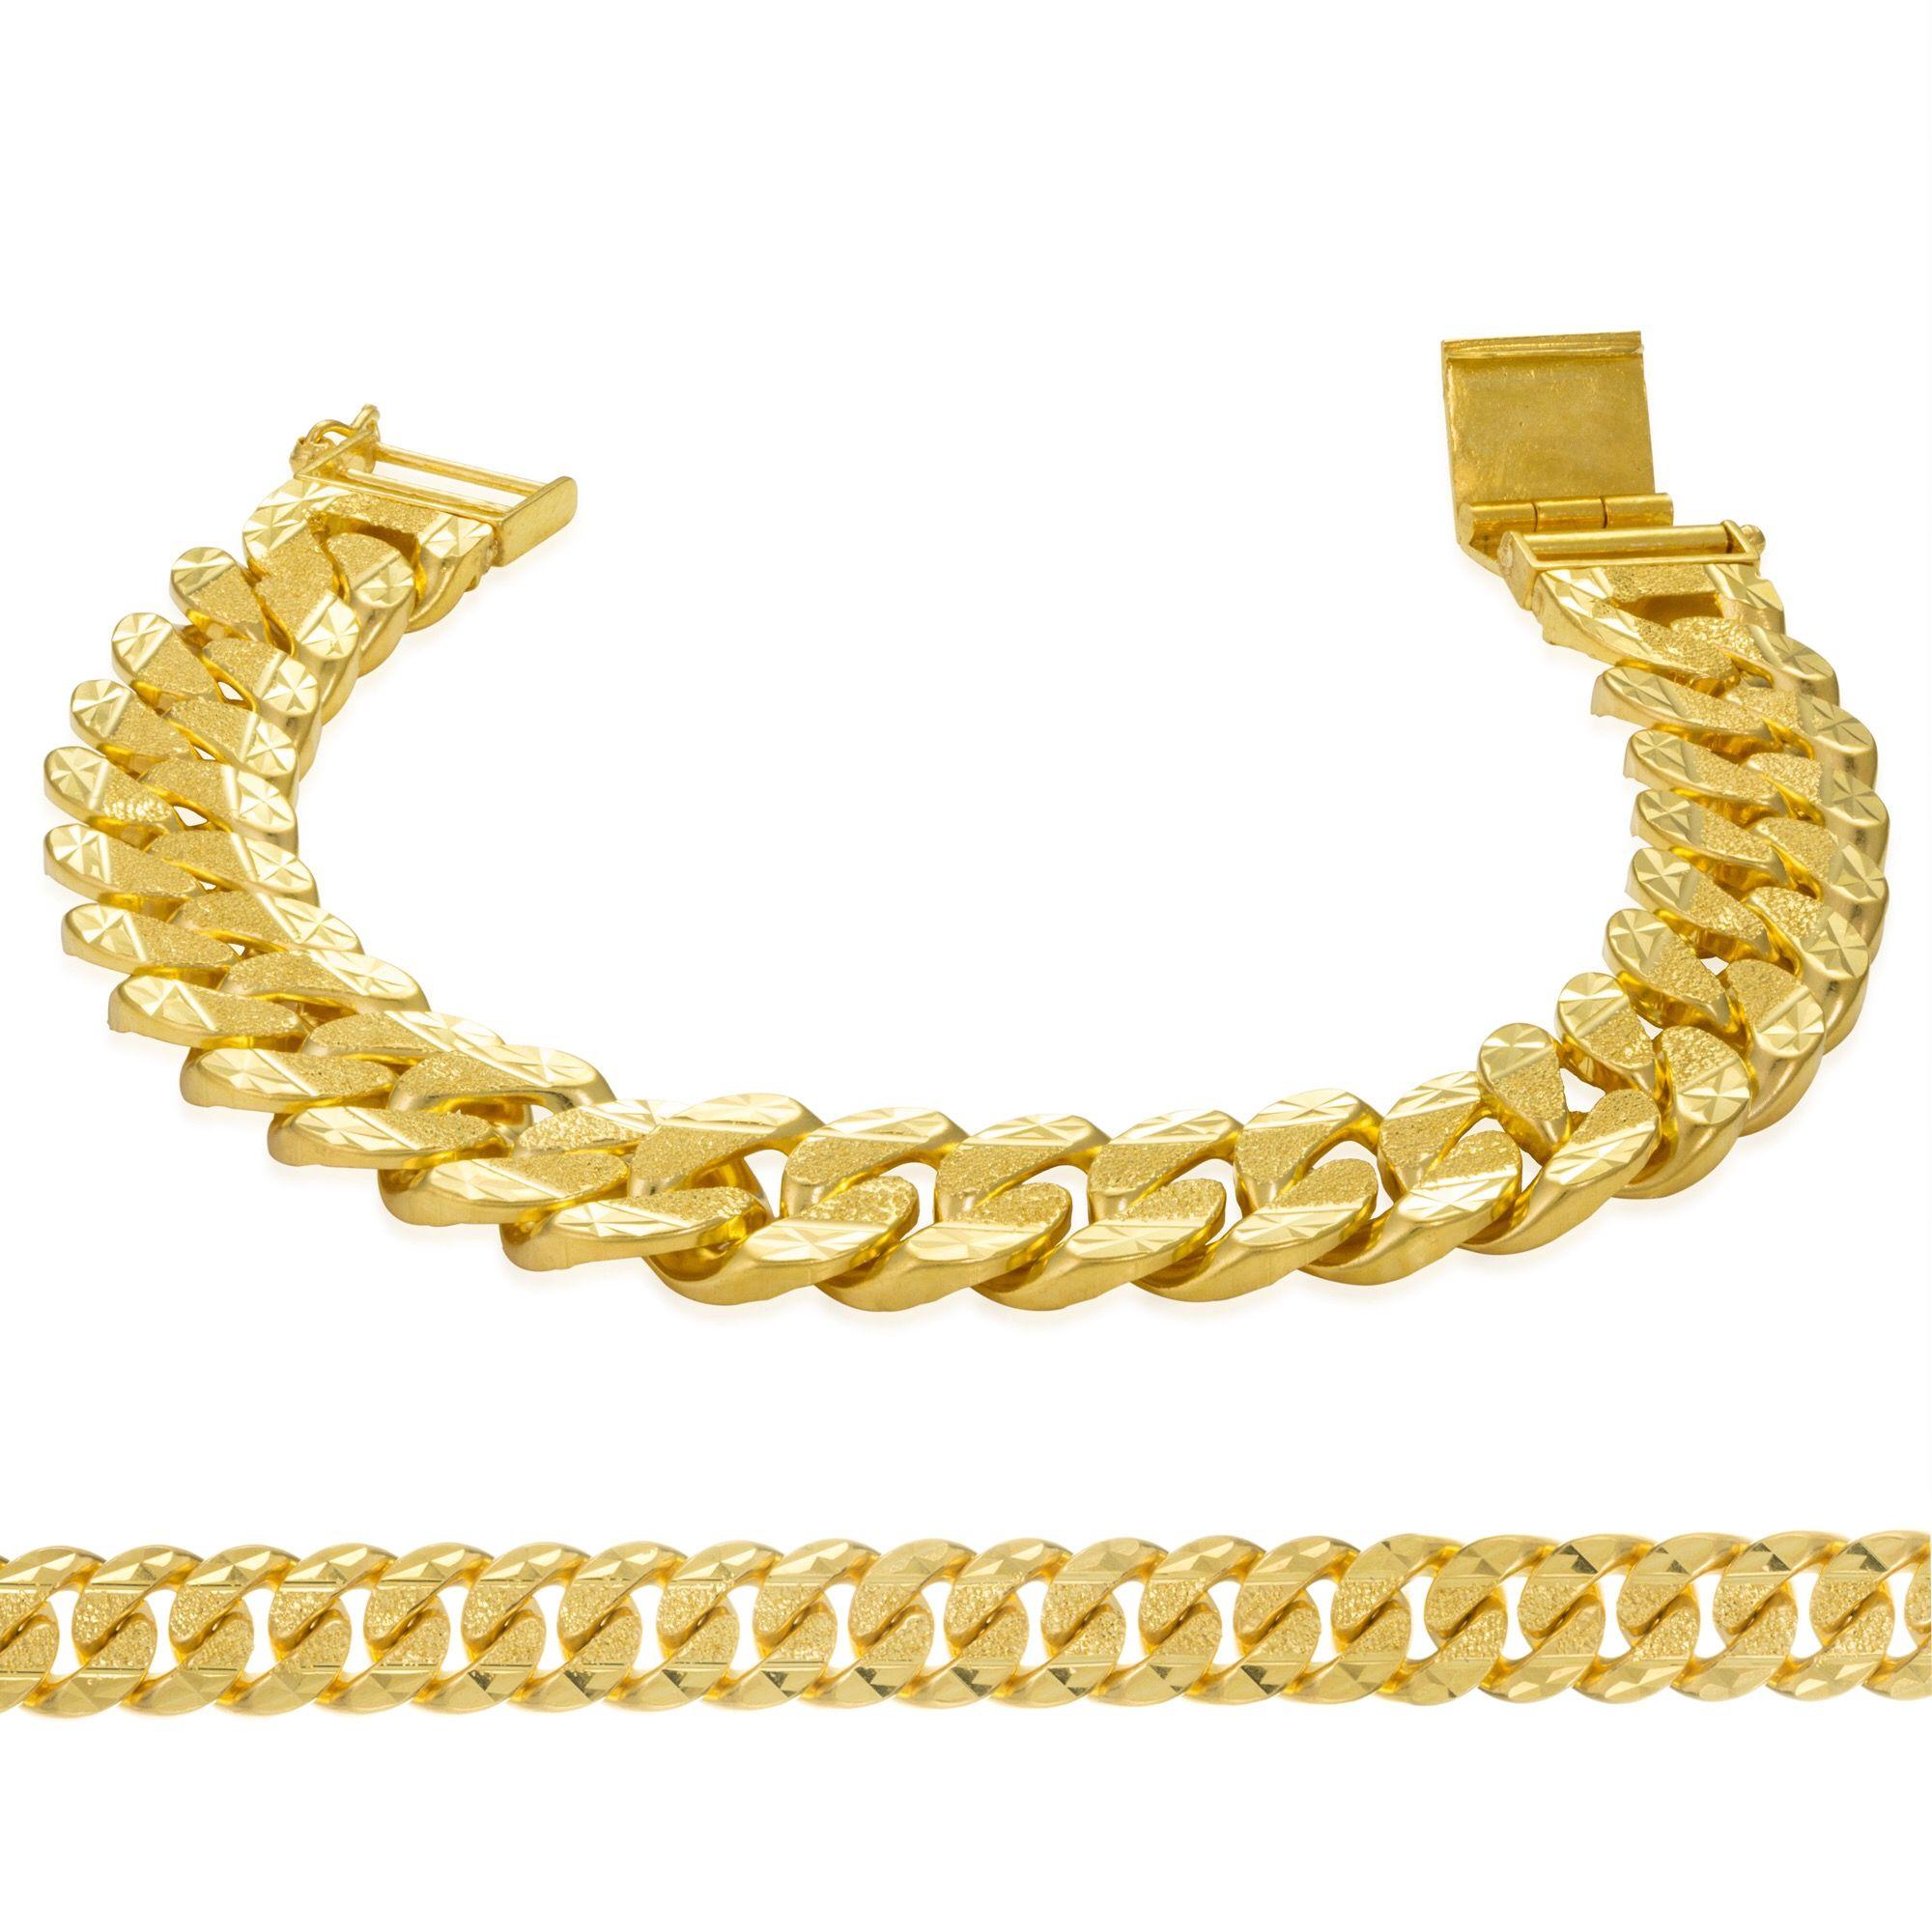 40+ Best online gold jewelry dealers ideas